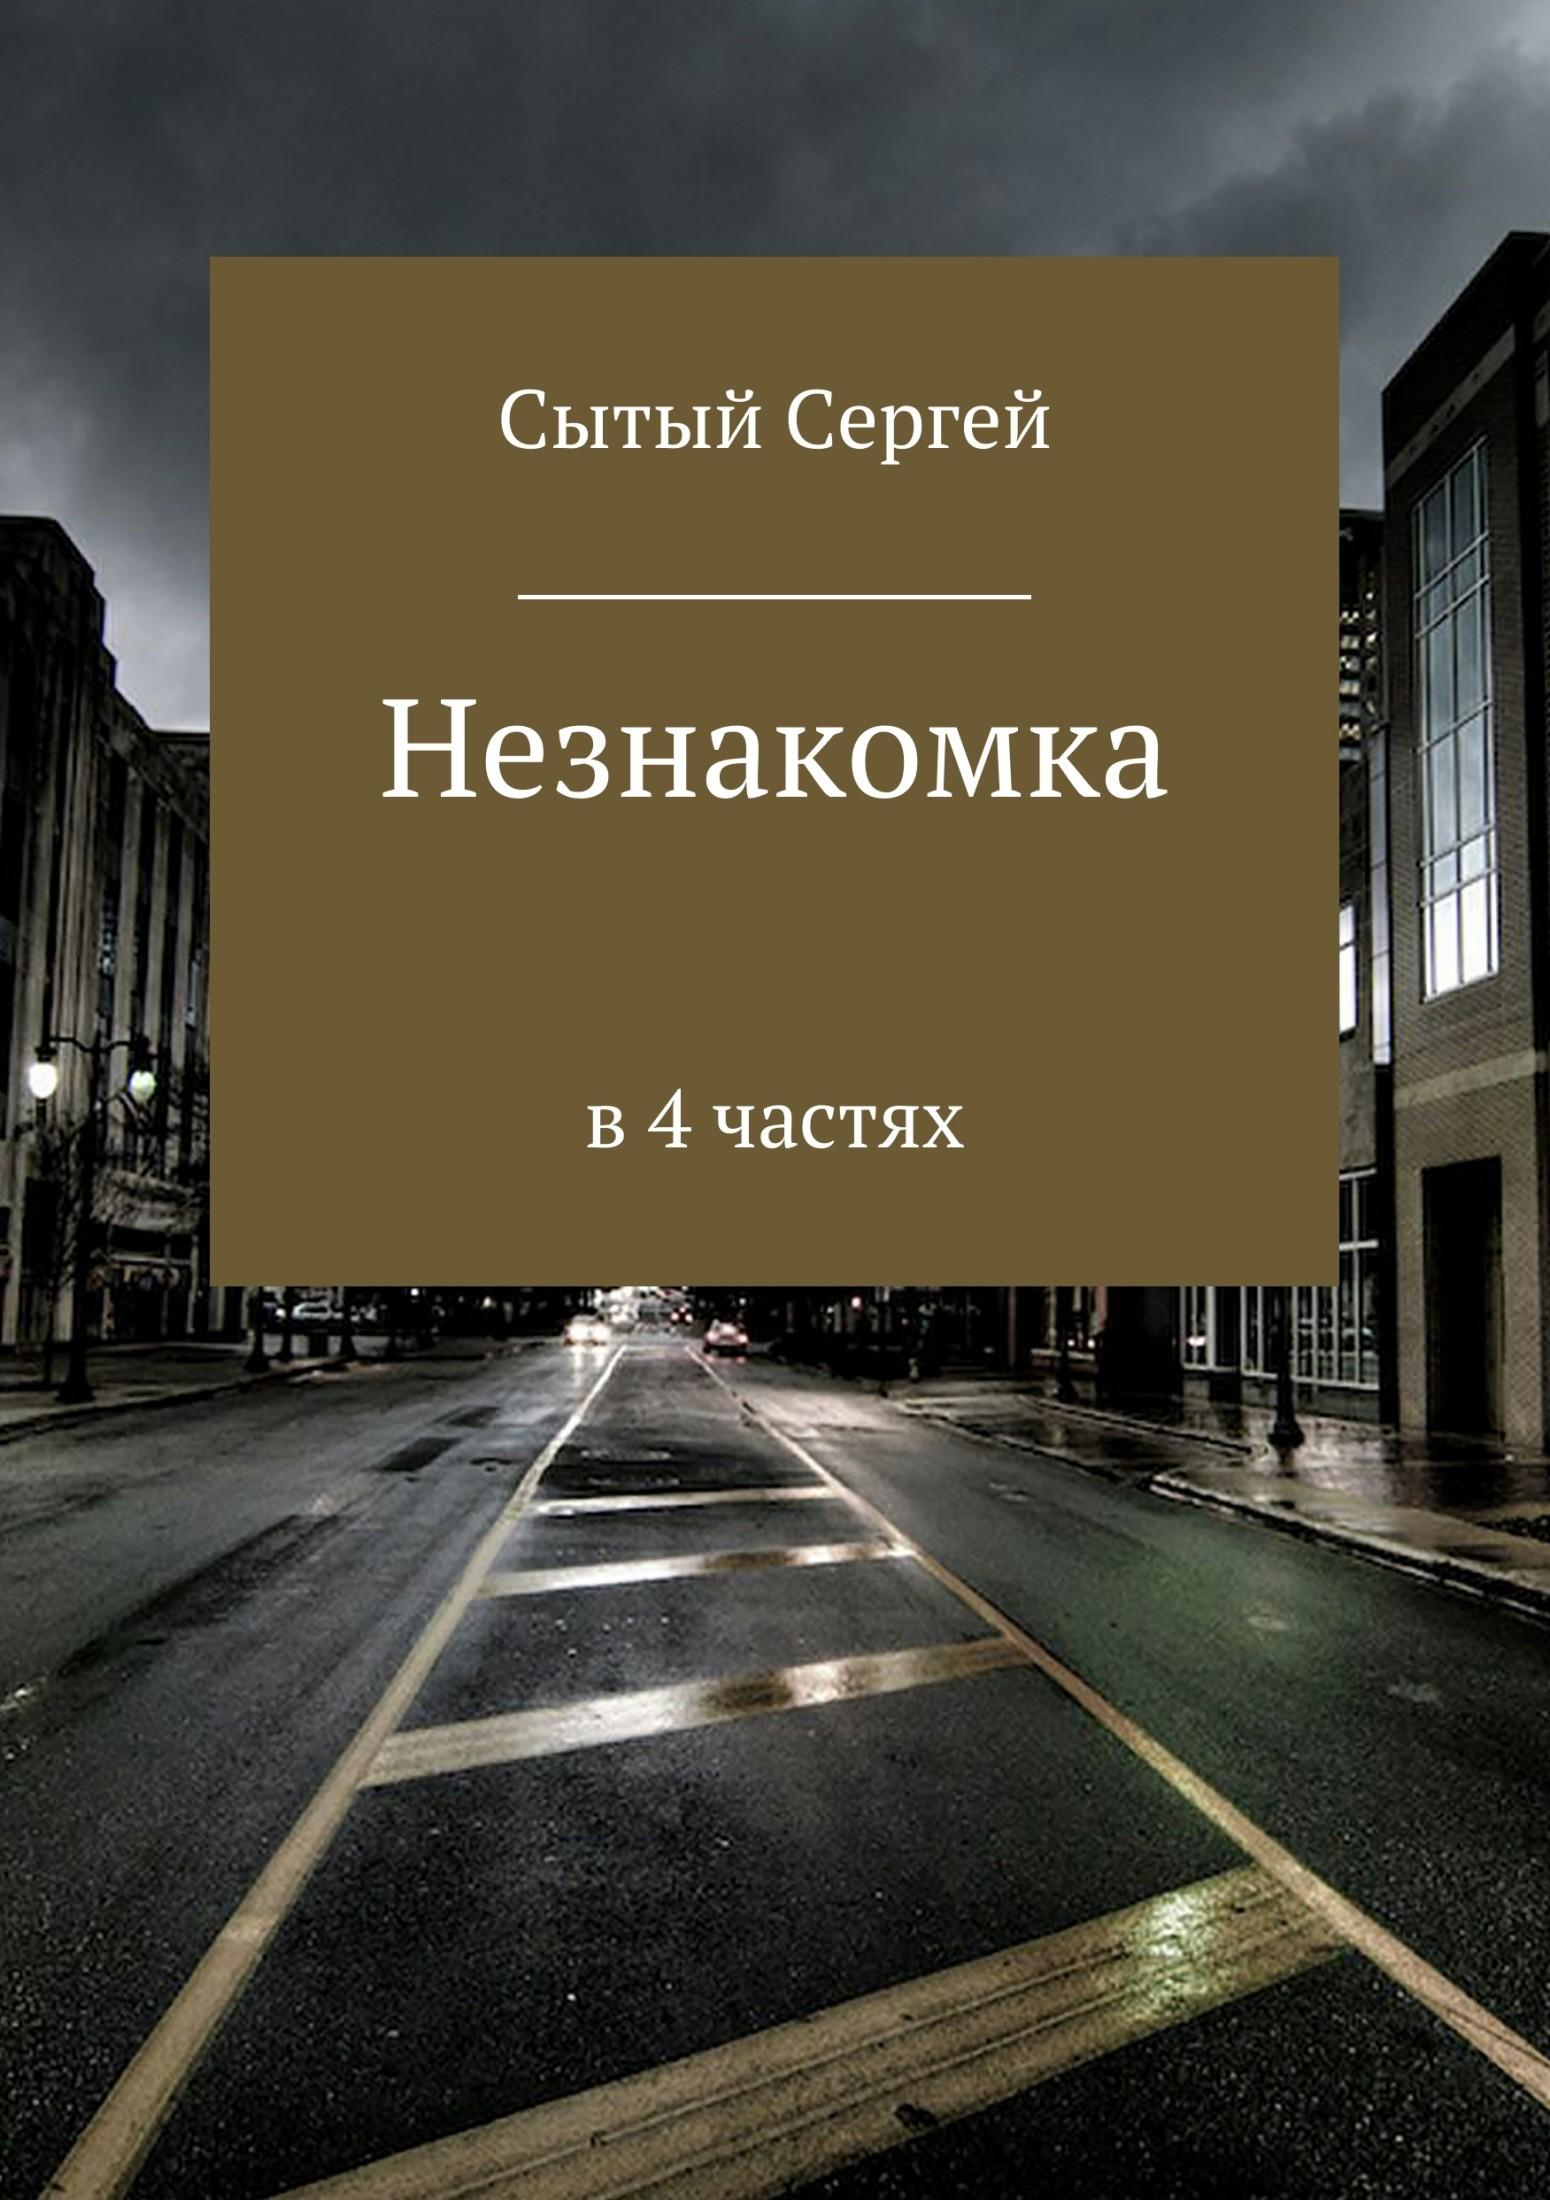 Сергей Леонидович Сытый. Незнакомка